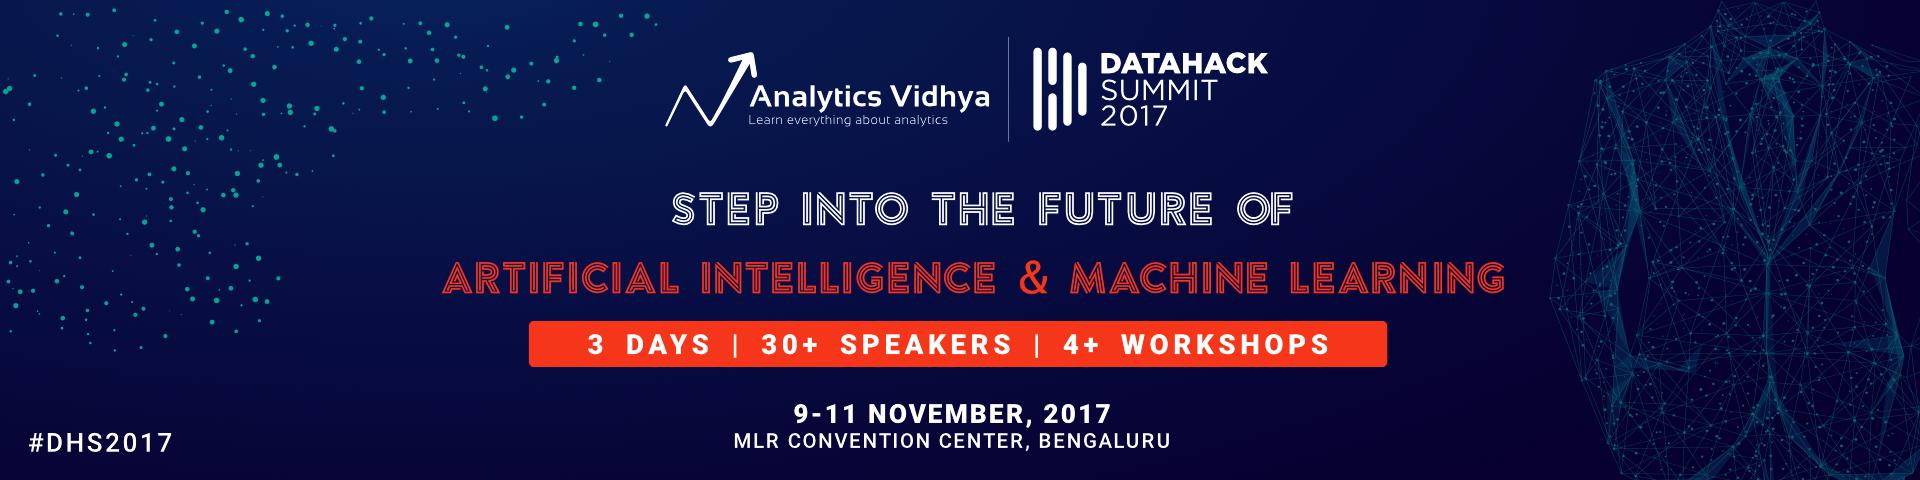 DataHack Summit